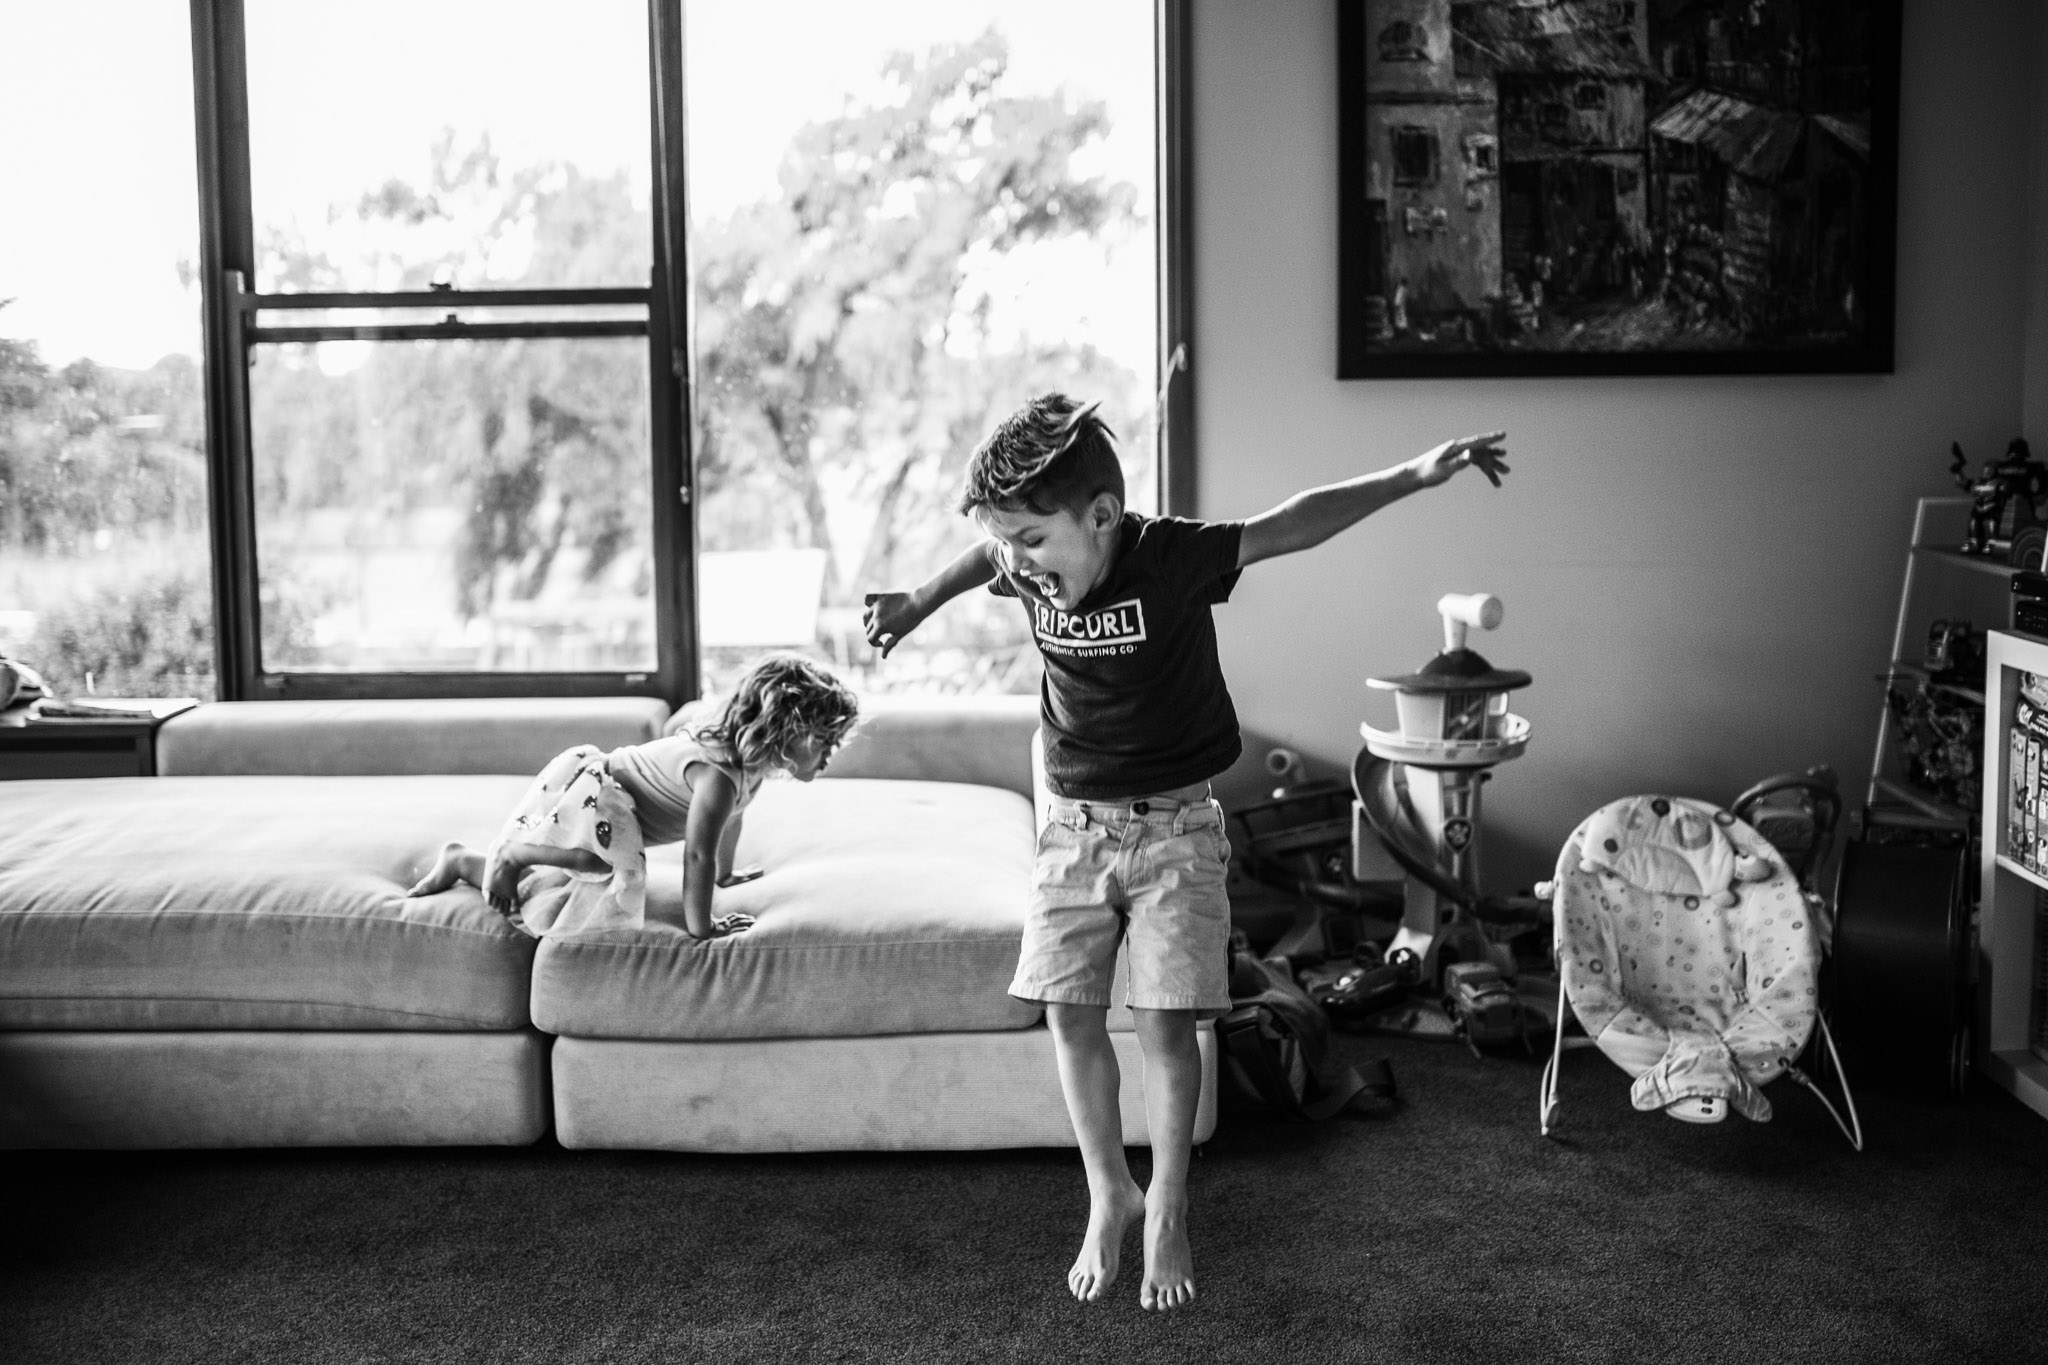 little-boy-jumping-off-sofa (1 of 1).jpg